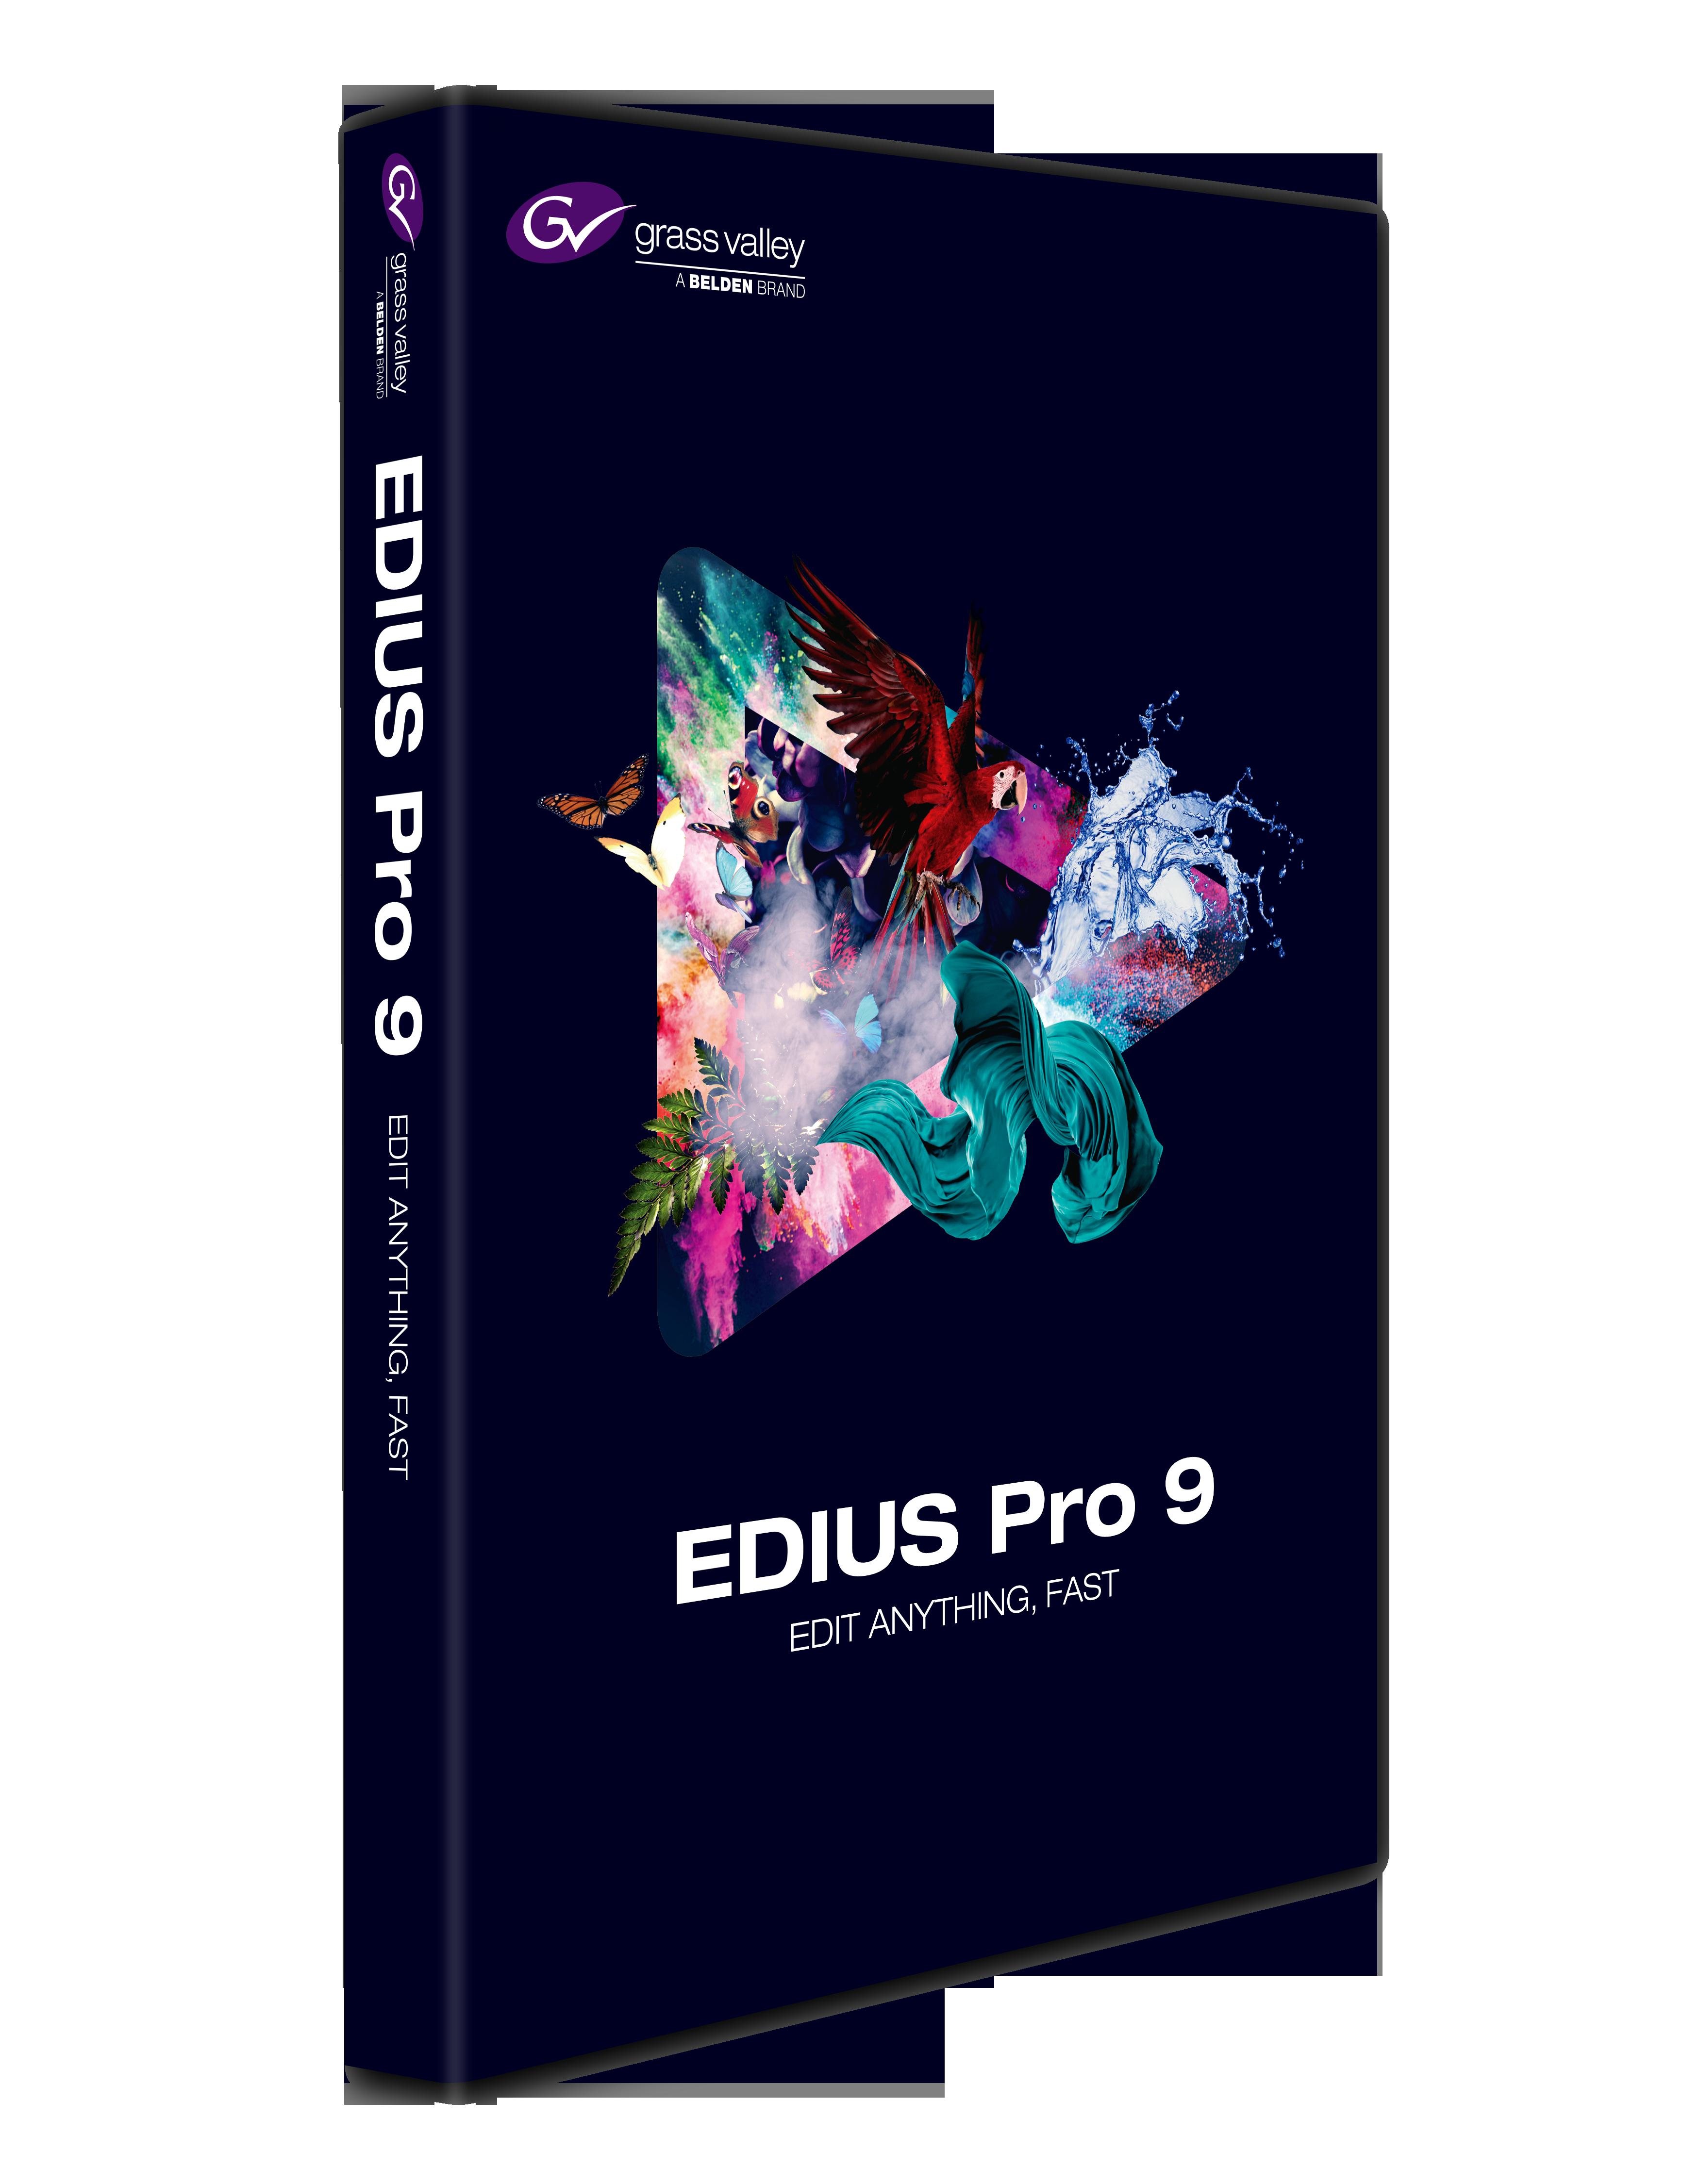 NEW in EDIUS 9 - EDIUS